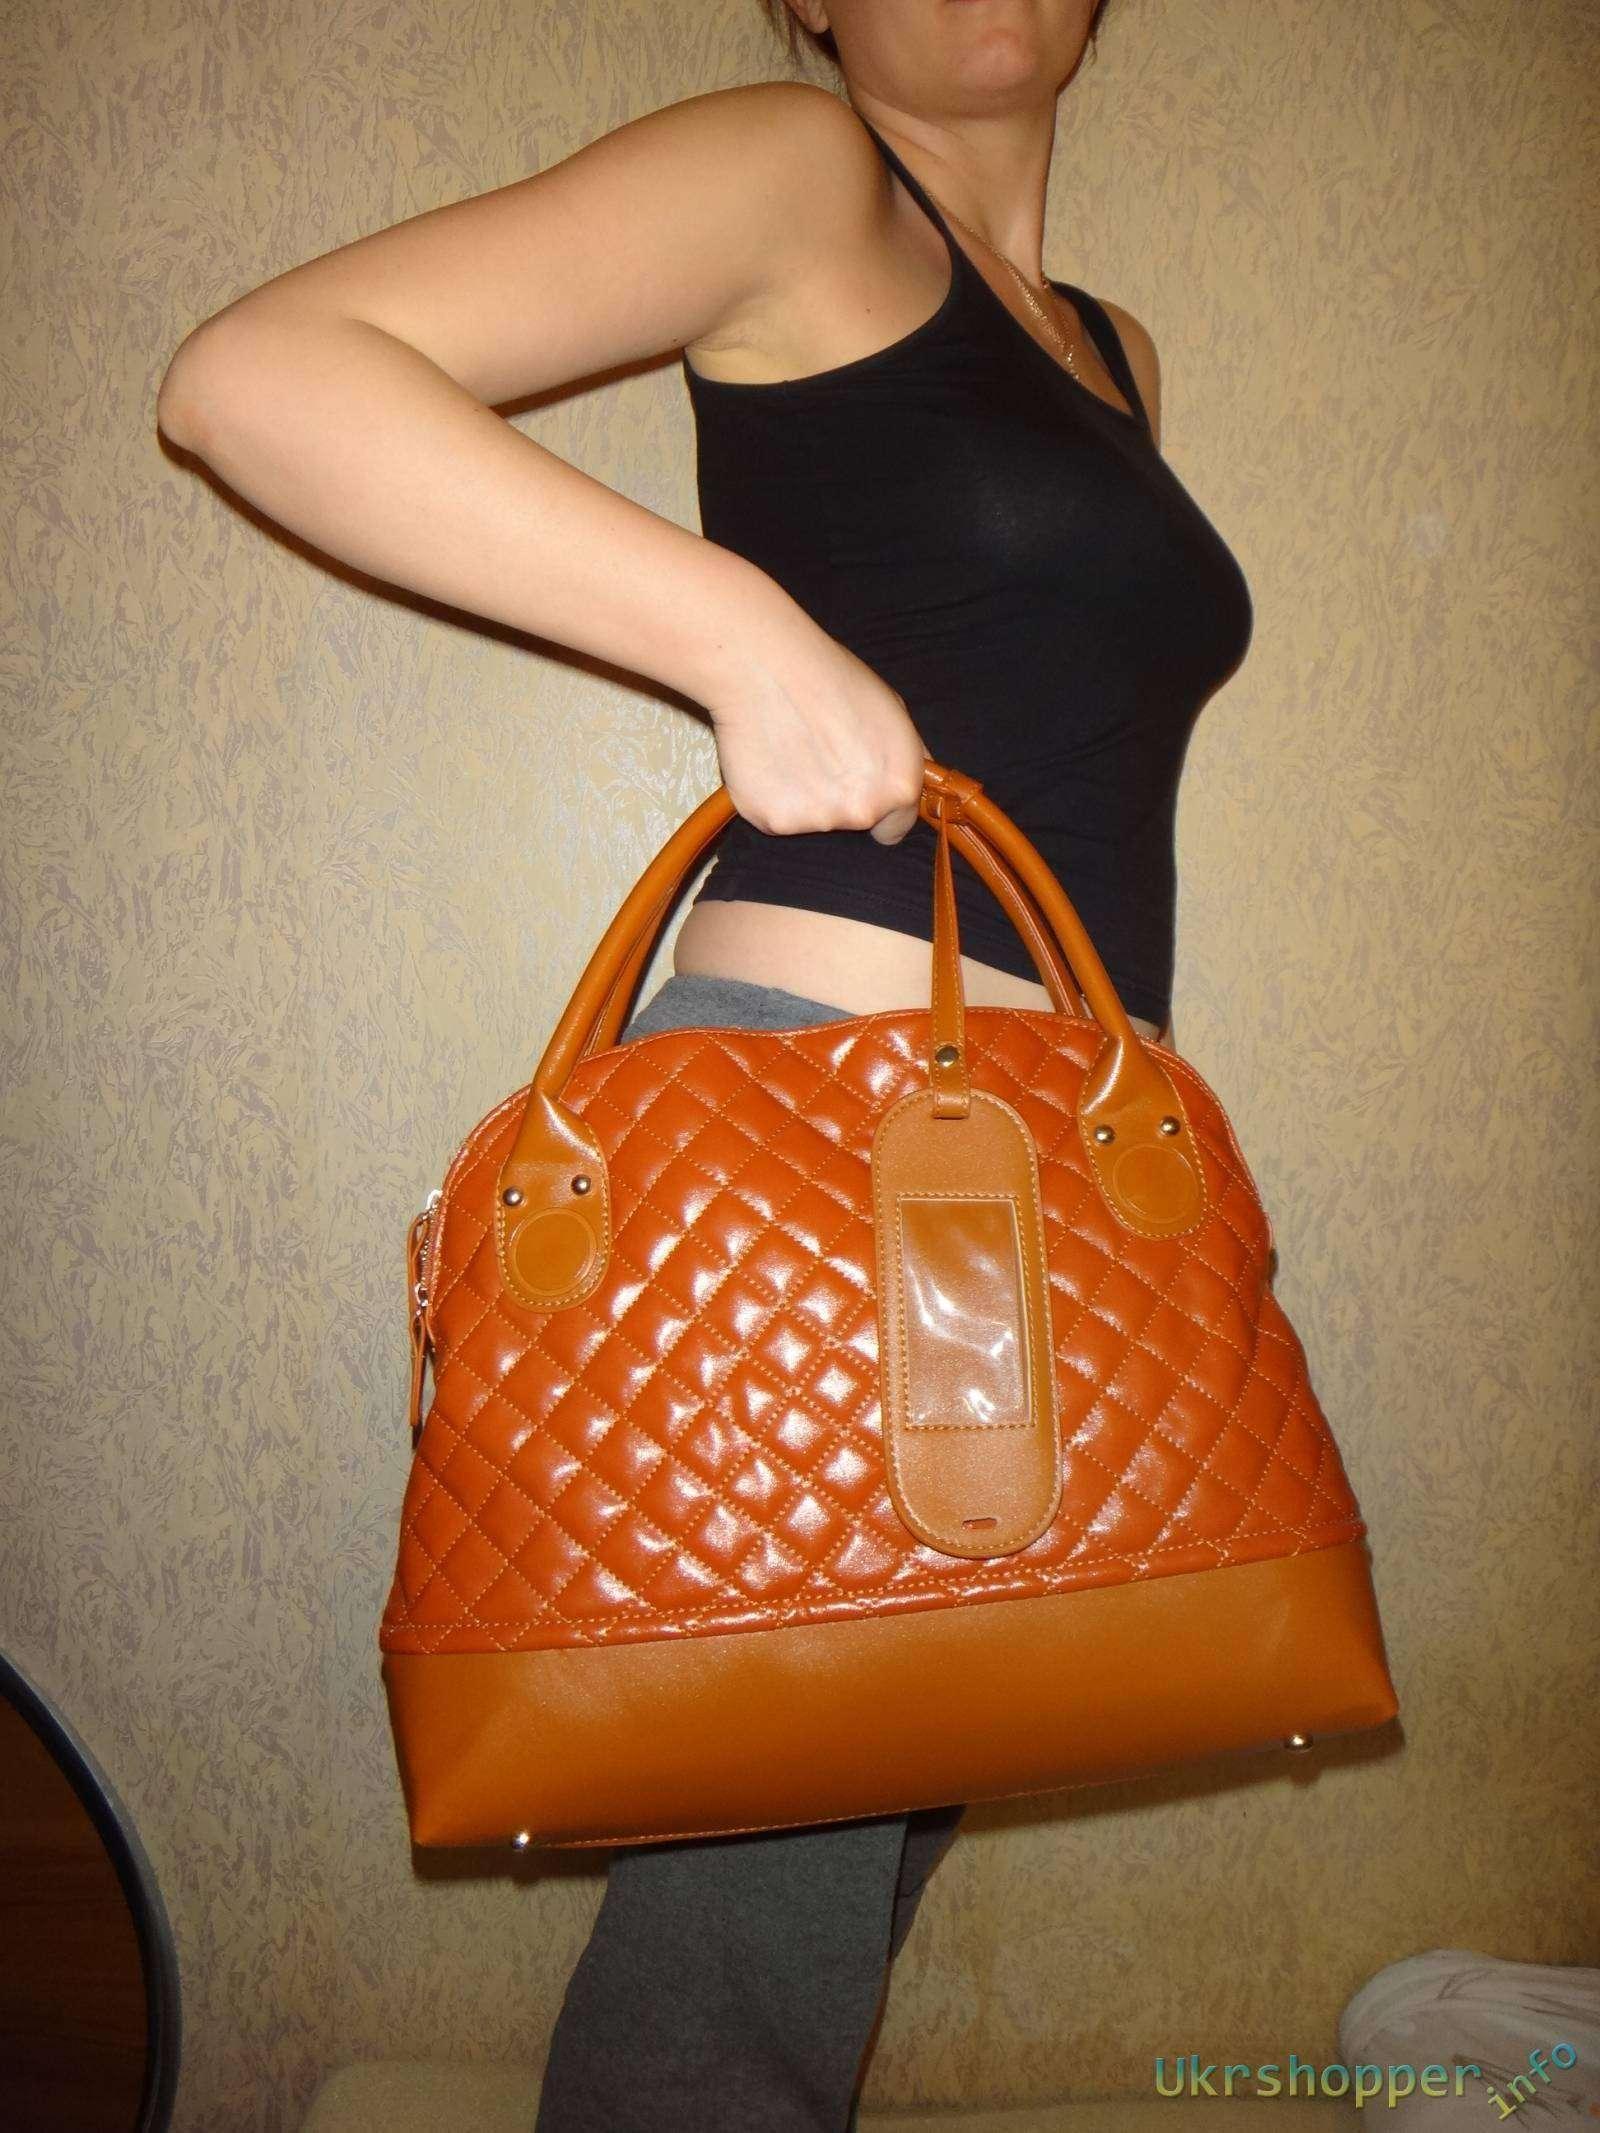 EachBuyer: Обзор классной женской сумки